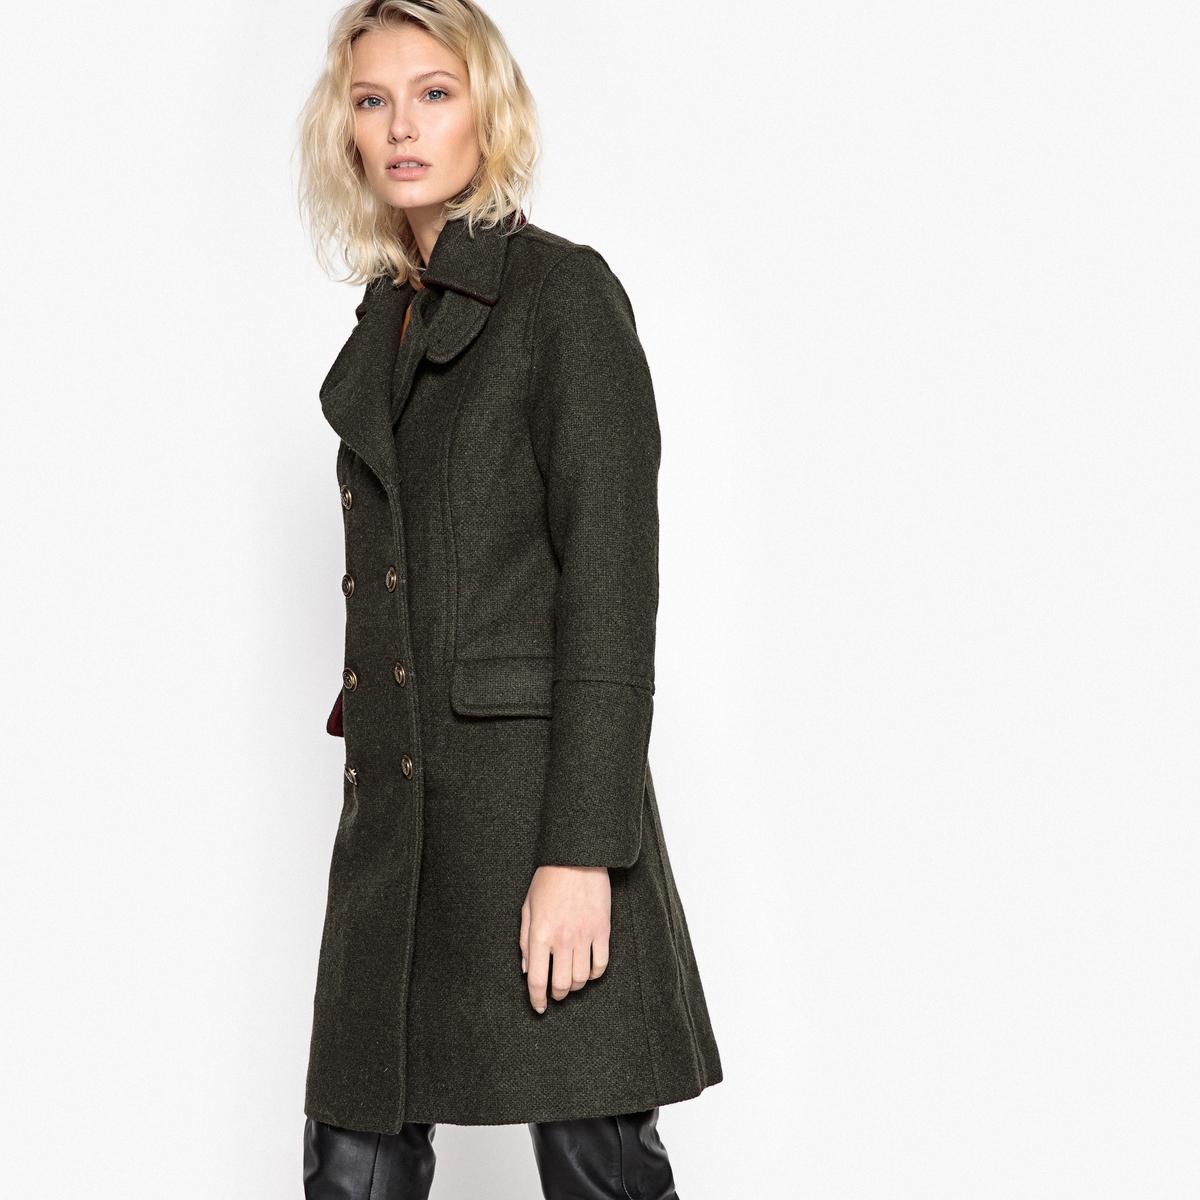 Пальто в стиле милитариДетали •  Длина  : средняя •  Воротник-поло, рубашечный  • Застежка на пуговицыСостав и уход •  44% шерсти, 6% других волокон, 50% полиэстера •  Следуйте советам по уходу, указанным на этикетке   •  Длина  : 91 см<br><br>Цвет: хаки<br>Размер: 42 (FR) - 48 (RUS).46 (FR) - 52 (RUS)